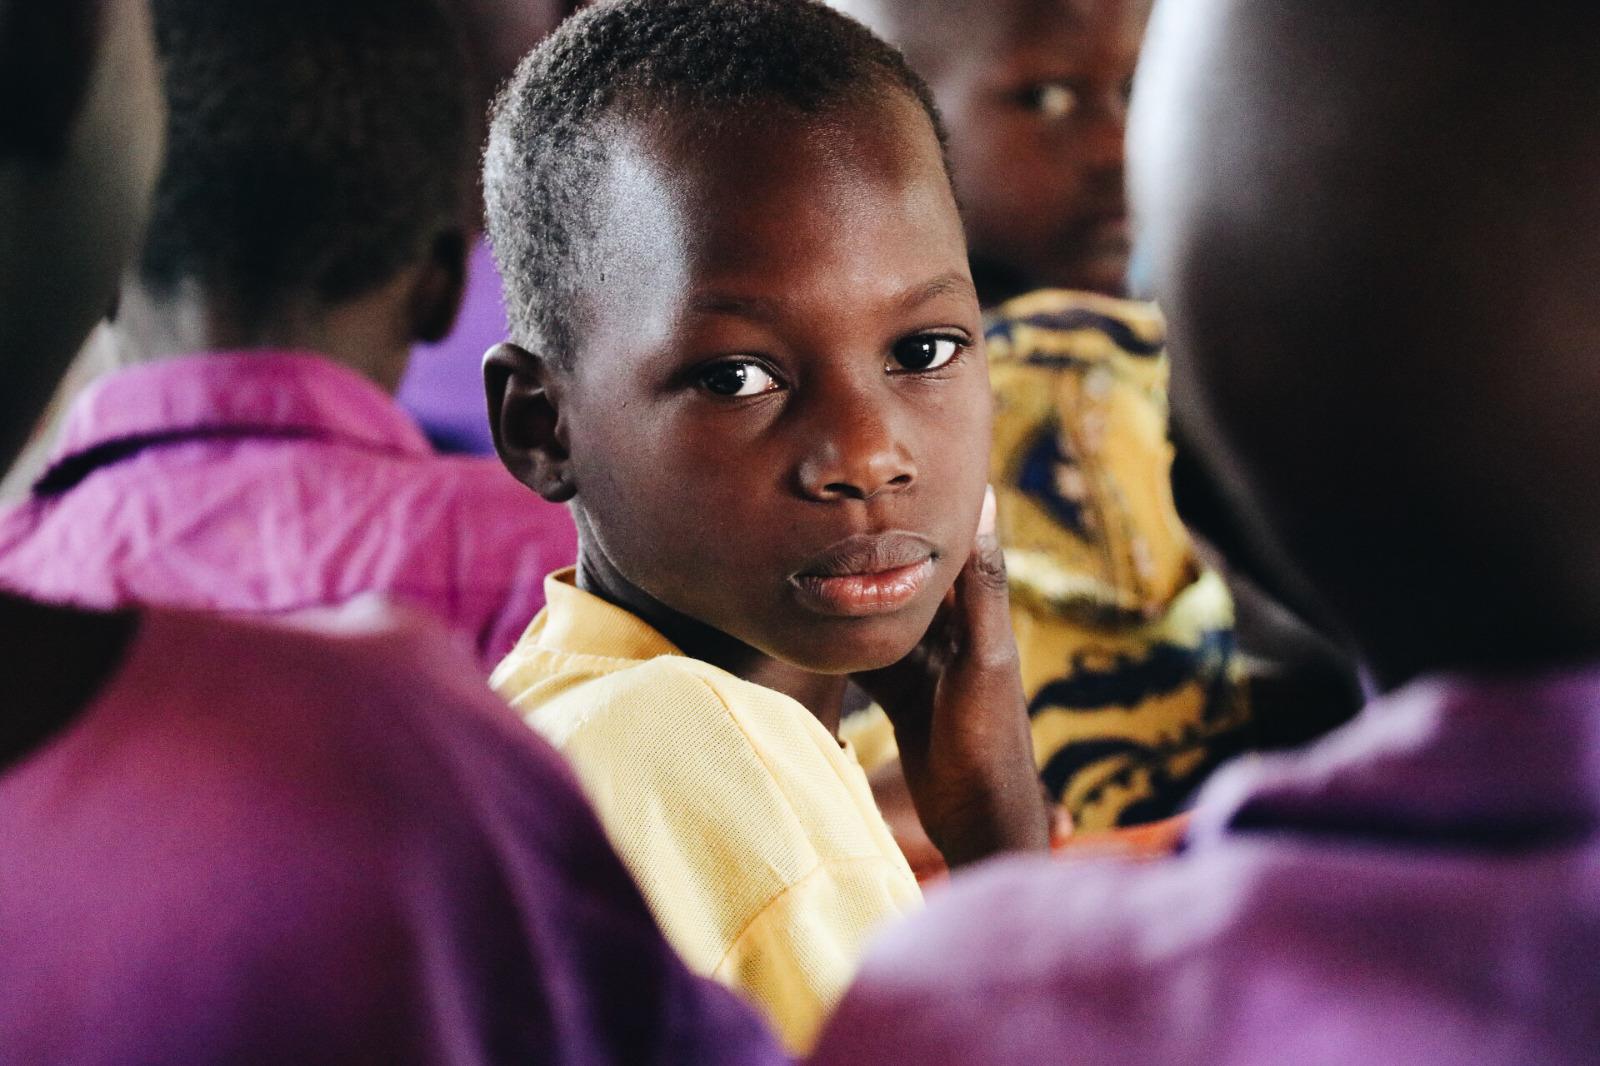 Estudiante de las escuelas del proyecto Smiles for Luuka.